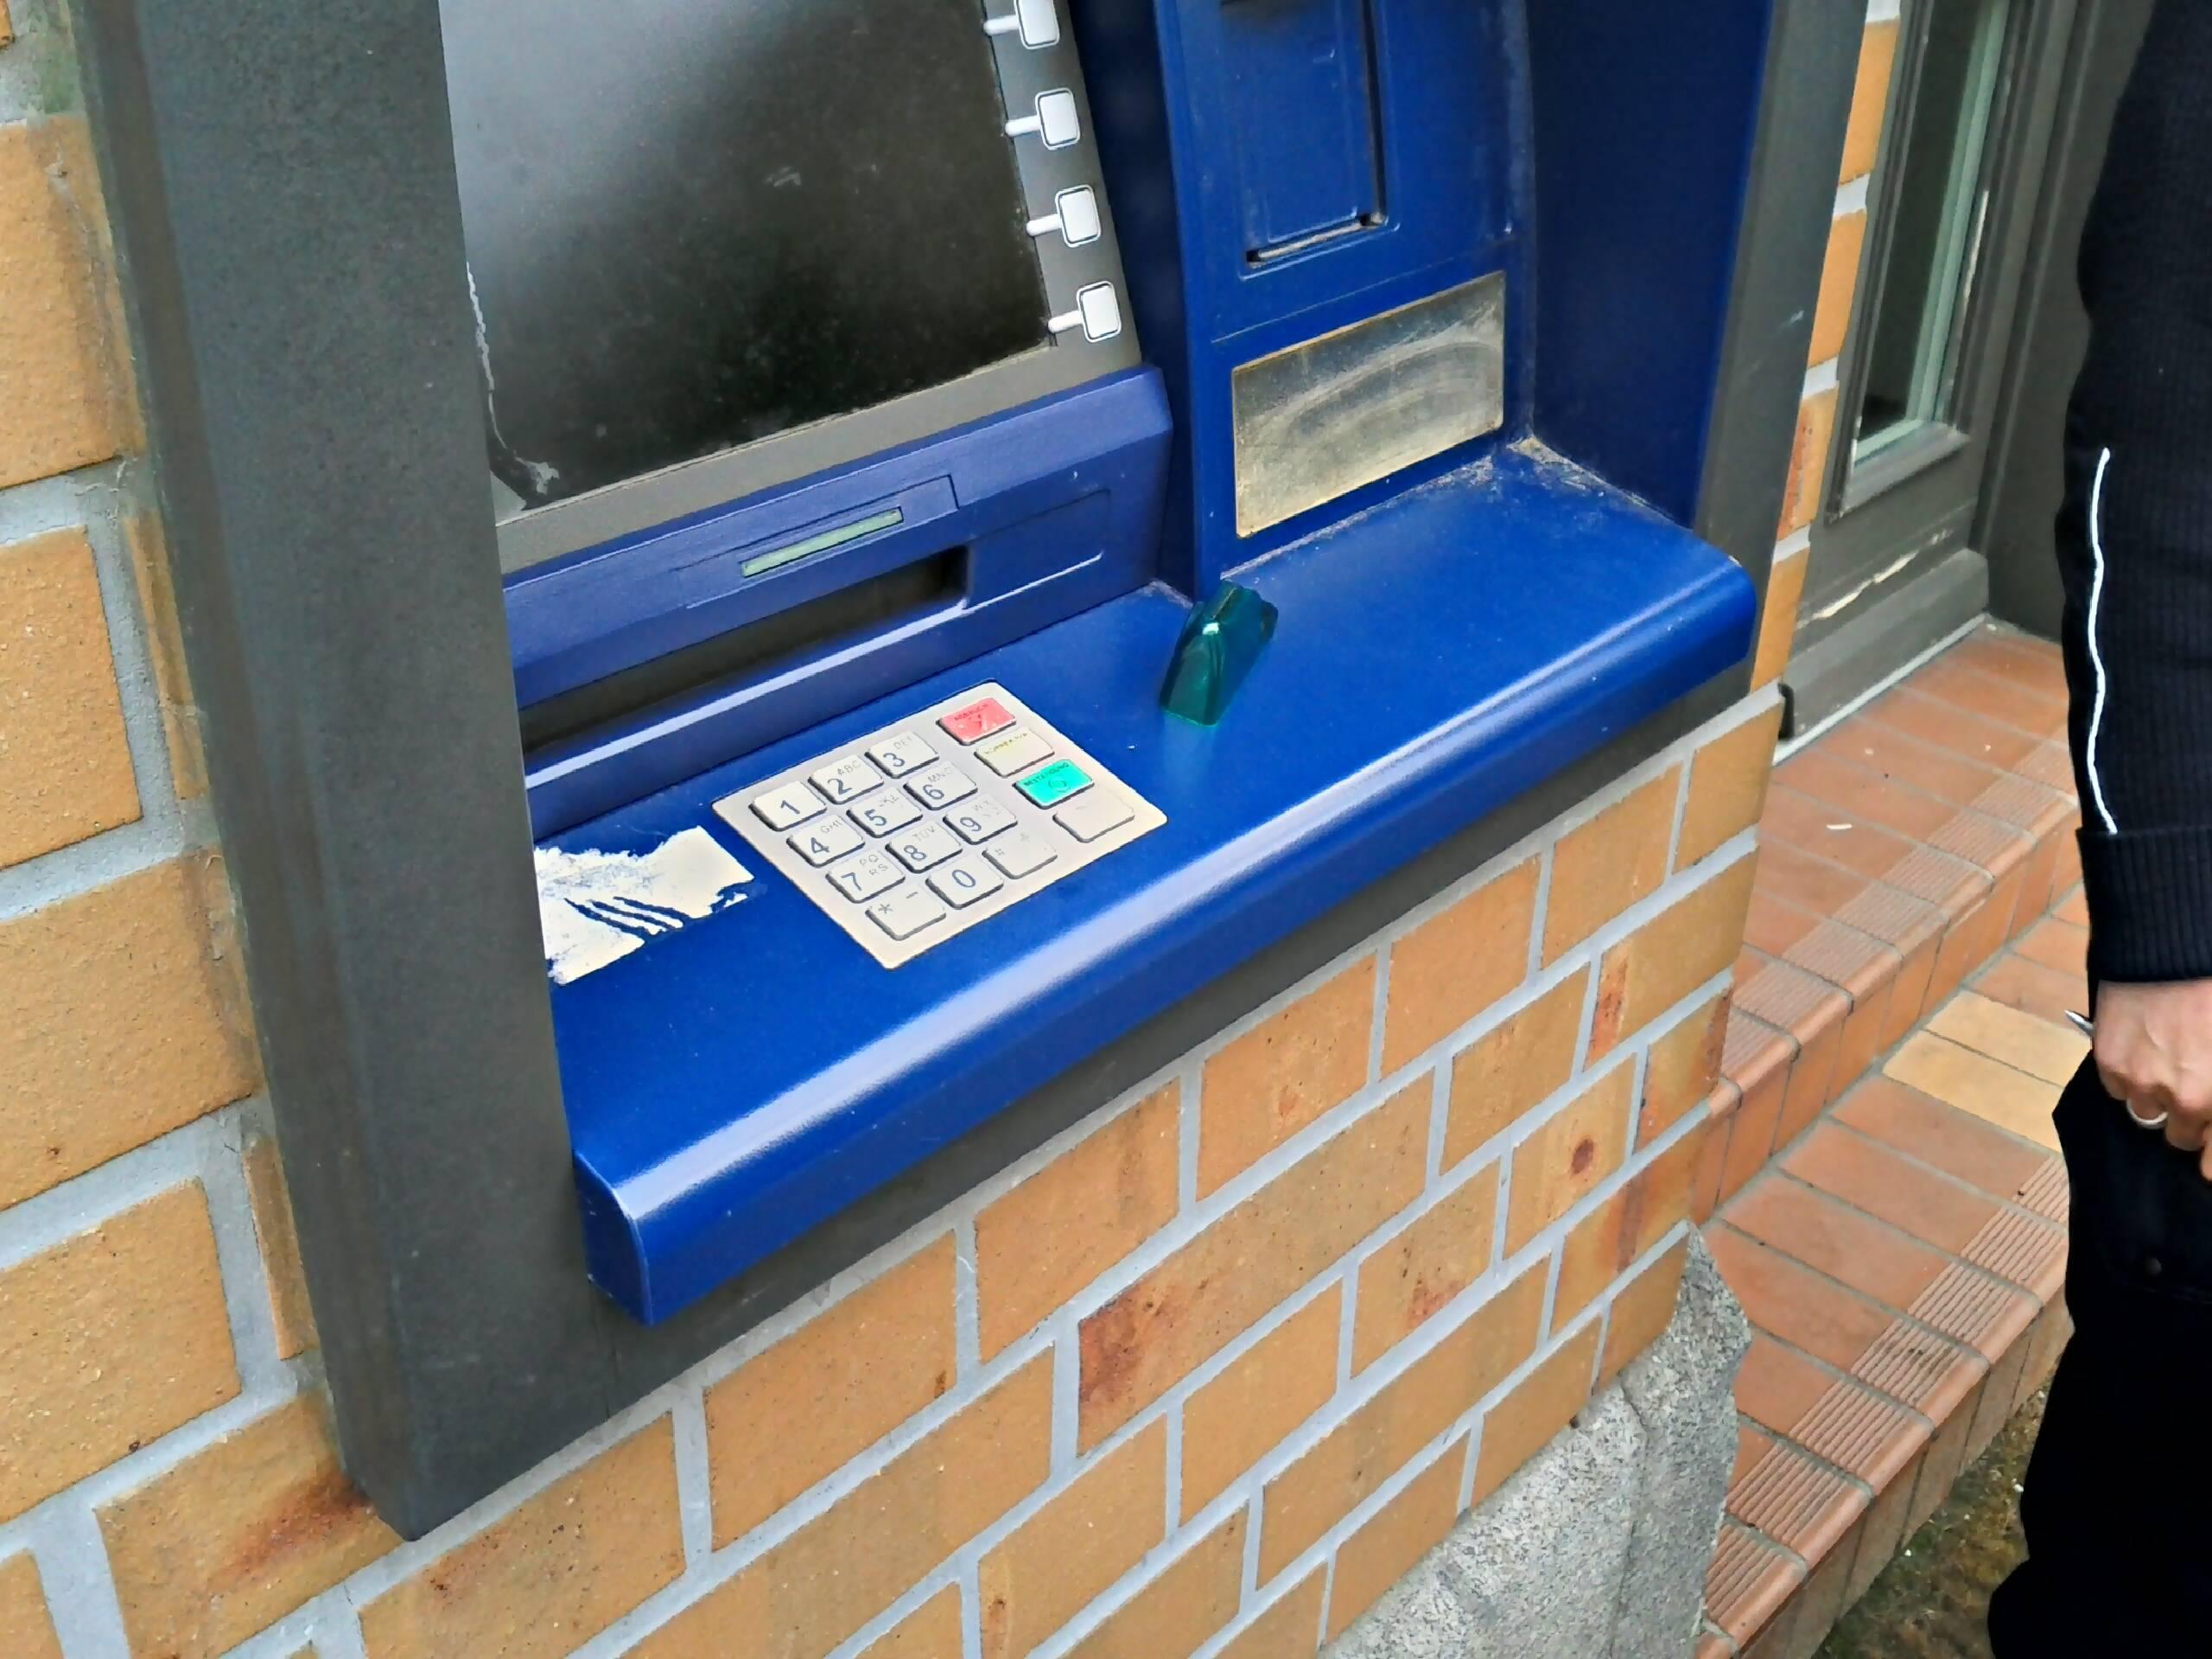 Como descubrir o PIN dunha tarxeta bancaria